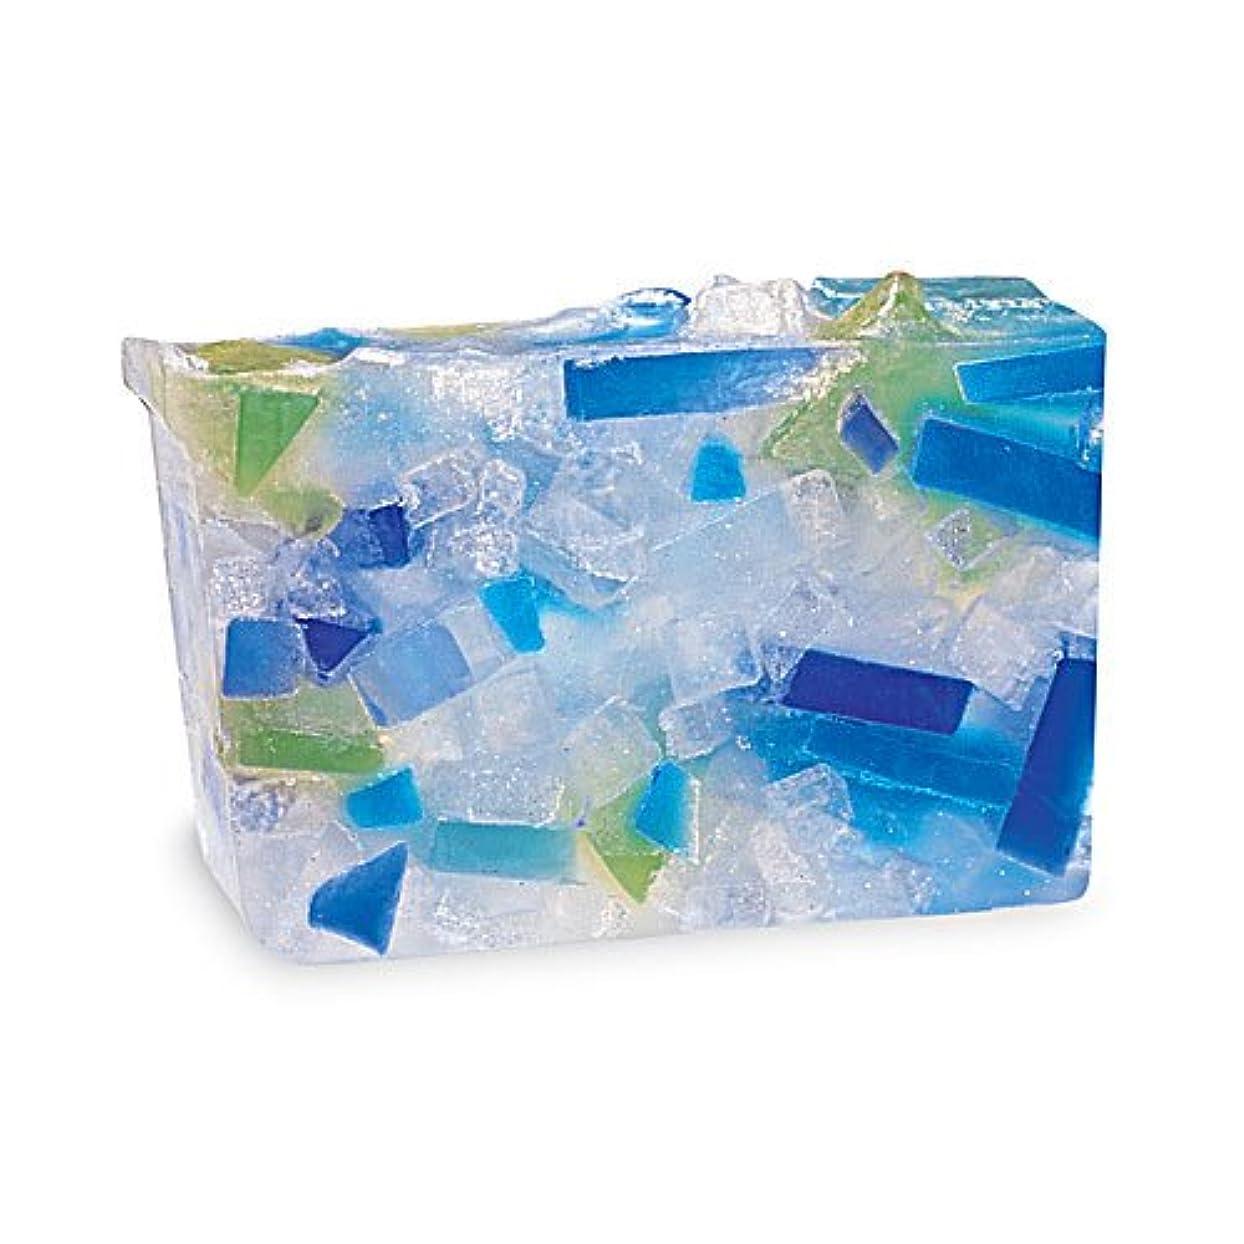 せせらぎアプライアンス真面目なプライモールエレメンツ アロマティック ソープ ビーチグラス 180g 植物性 ナチュラル 石鹸 無添加